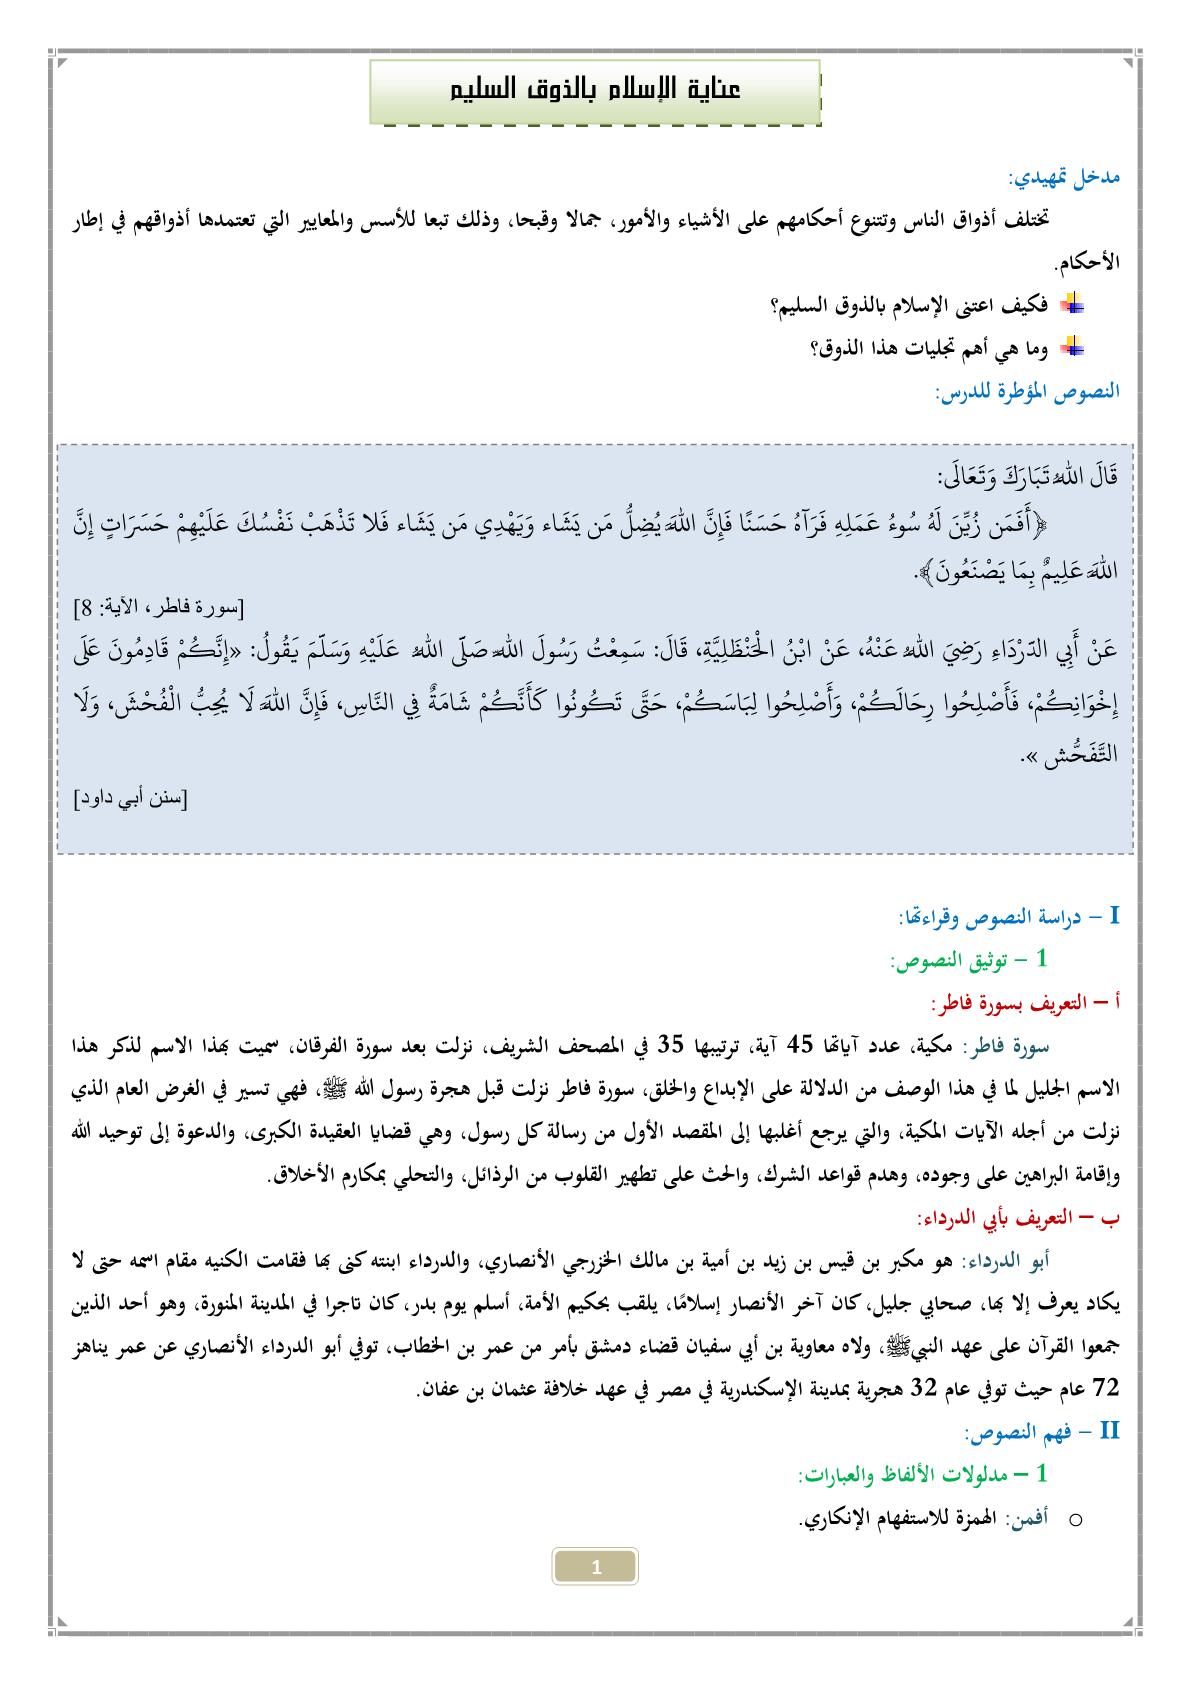 درس عناية الإسلام بالذوق السليم للسنة الثالثة إعدادي